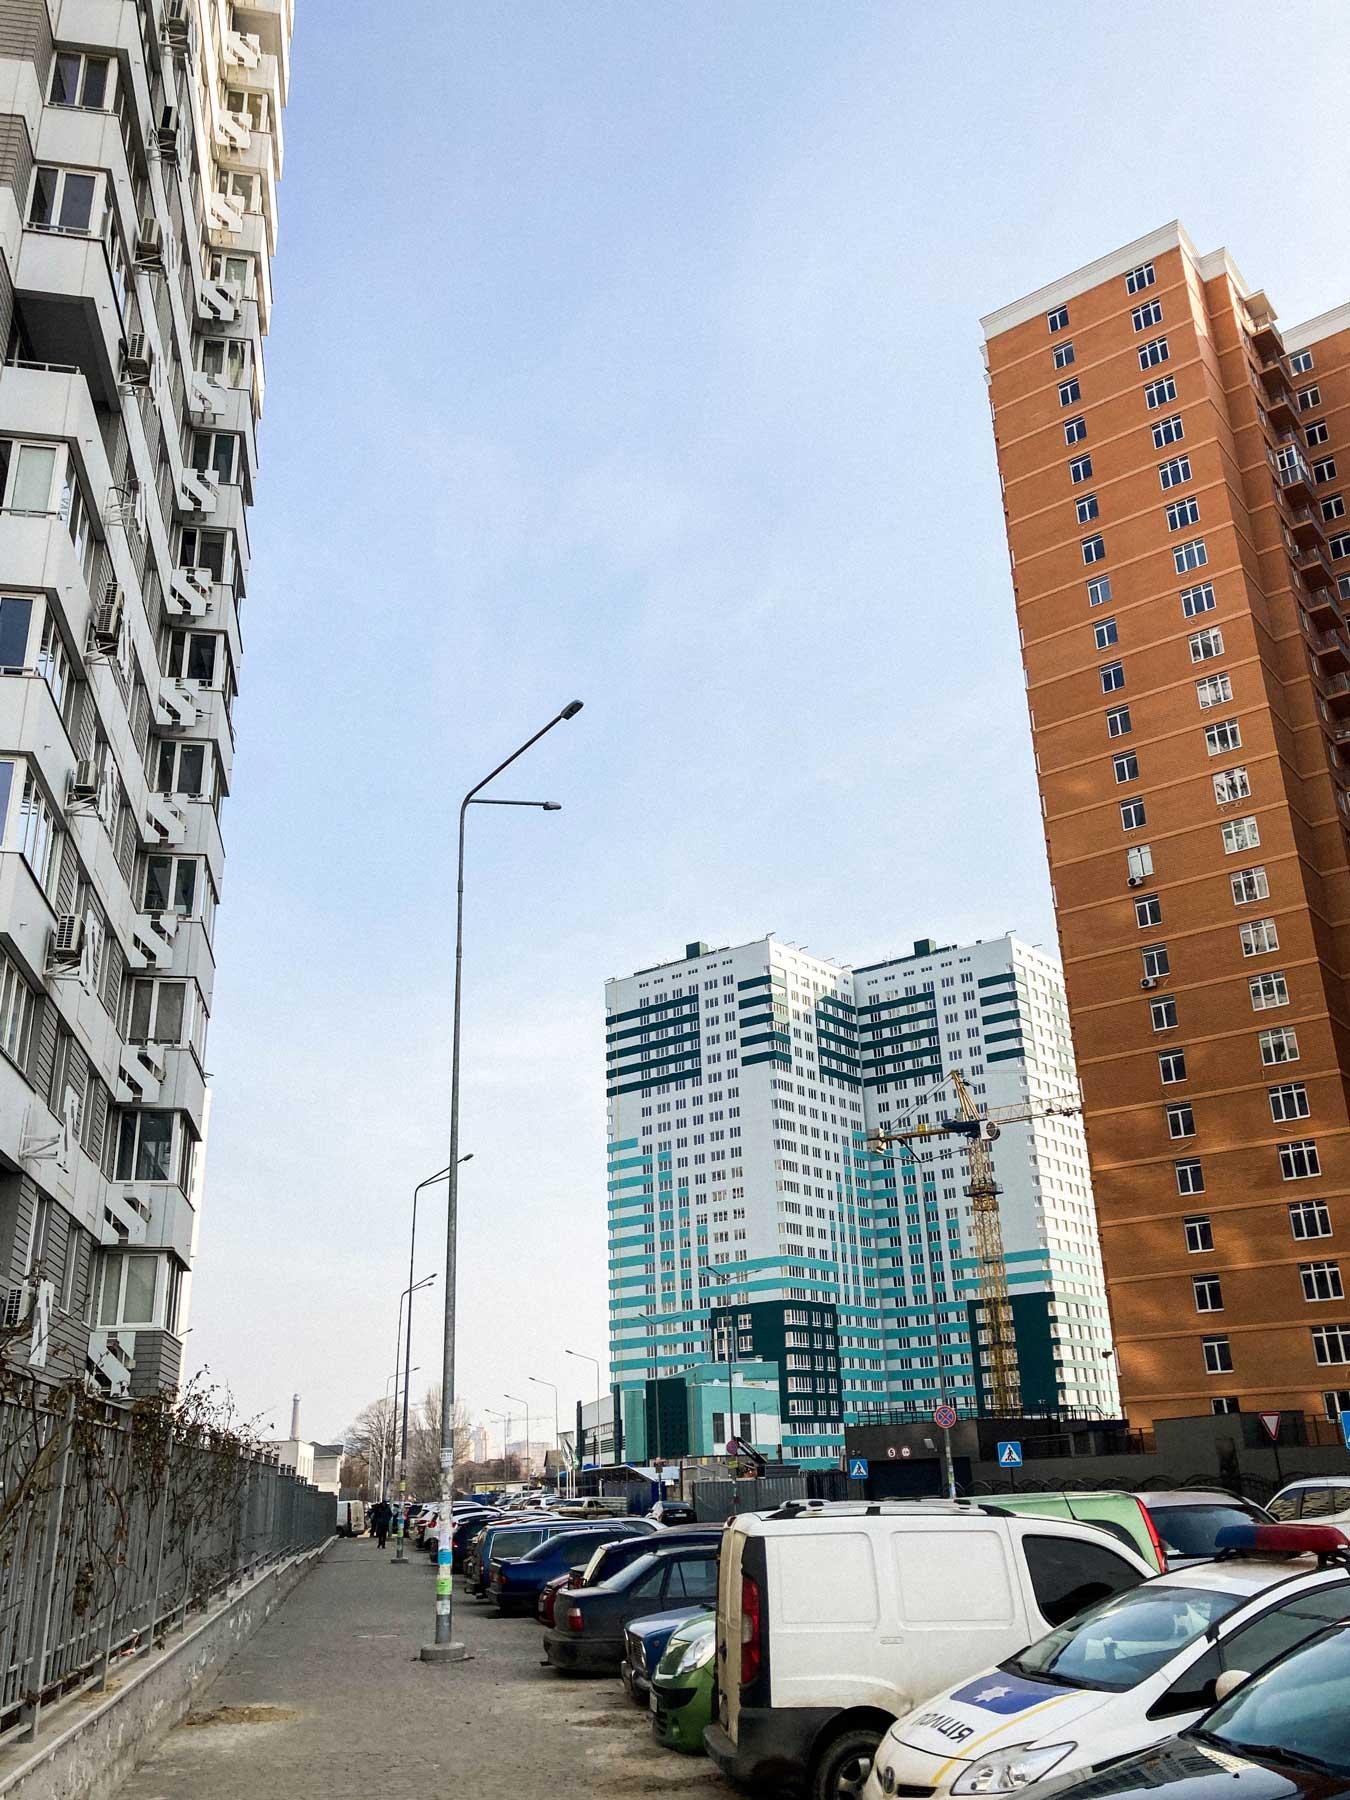 odesa property pelymski 03 - <b>75 метров беззакония.</b> В Одессе строят жилой комплекс, который угрожает полетам и госбезопасности - Заборона